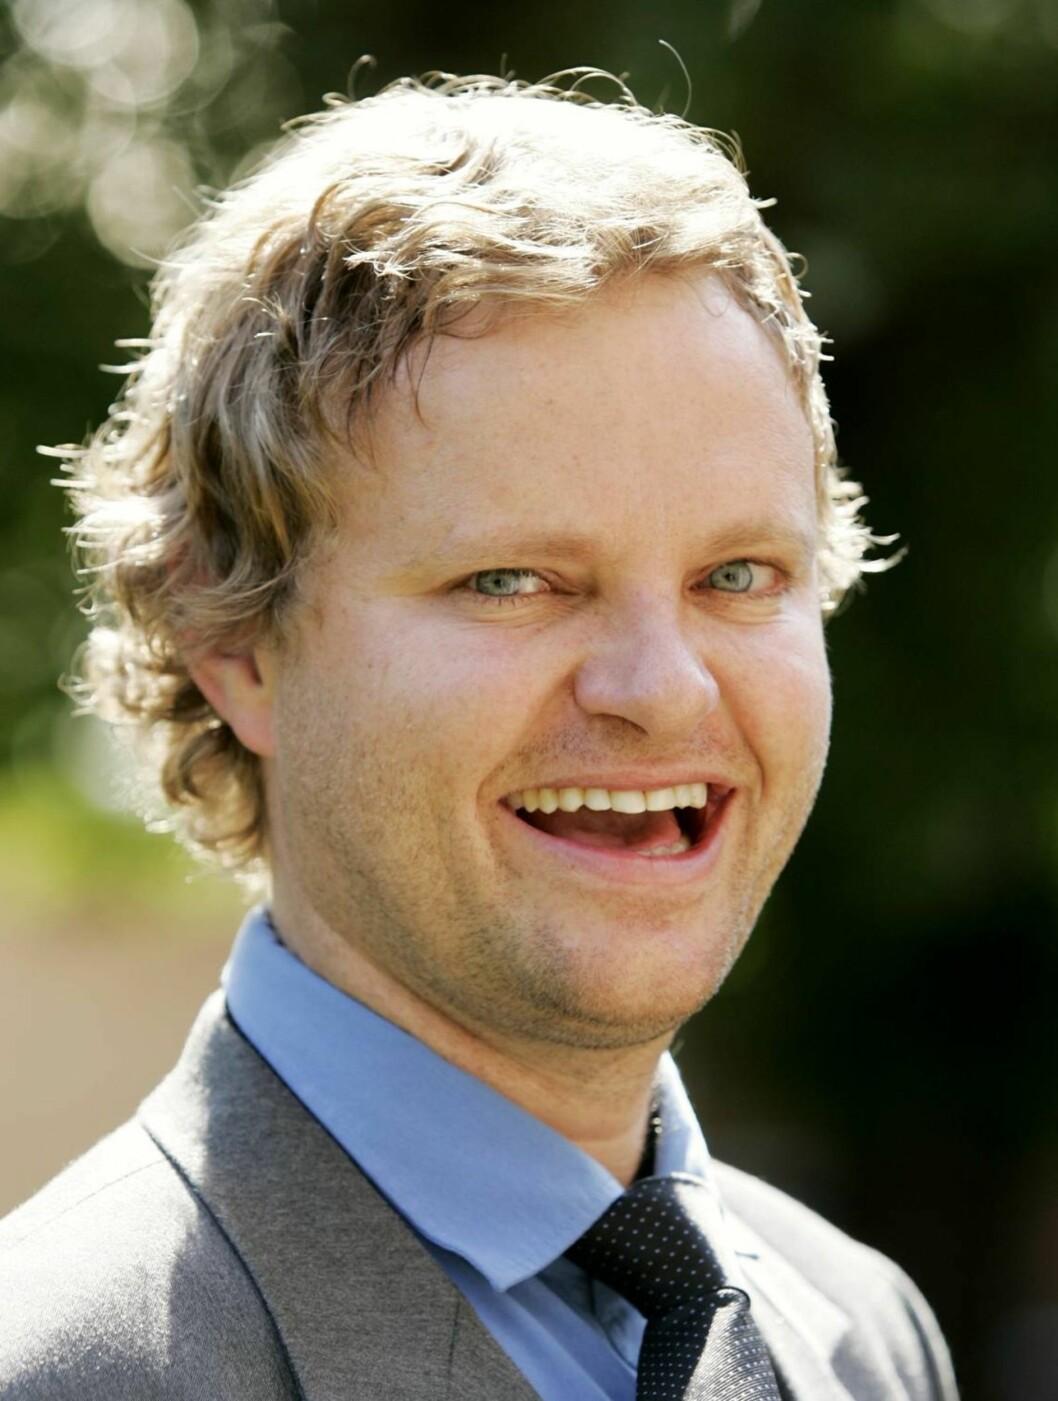 """KONEGARANTI: Kjetil Hasselberg (42), kjent fra """"Kjetil og Kjartan show"""", som solgte leiligheten sin med """"konegaranti"""".  Foto: SCANPIX"""